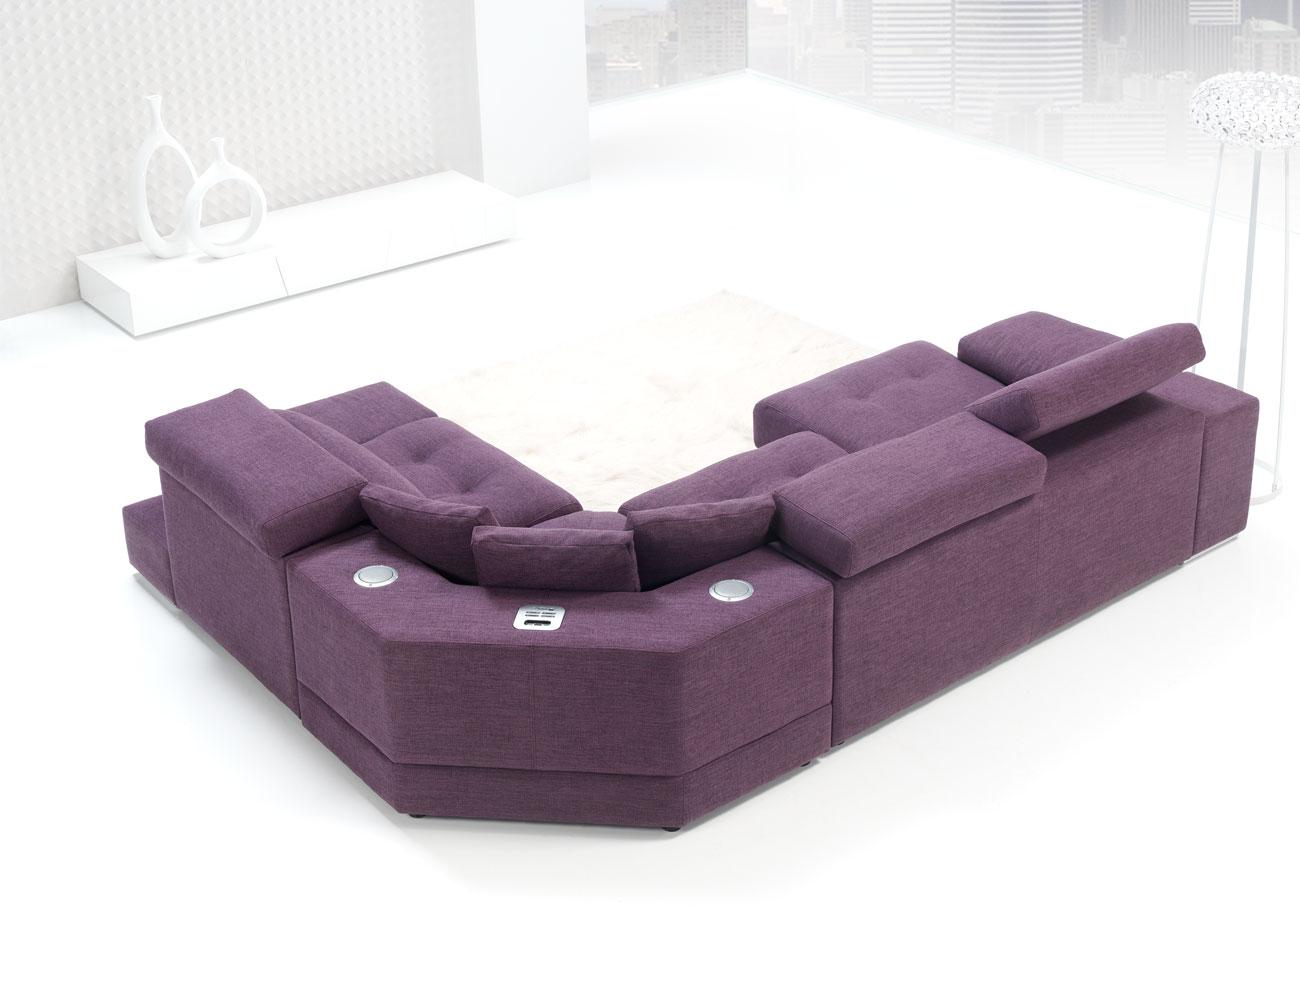 Sofa chaiselongue rincon con brazo mecanico tejido anti manchas 38